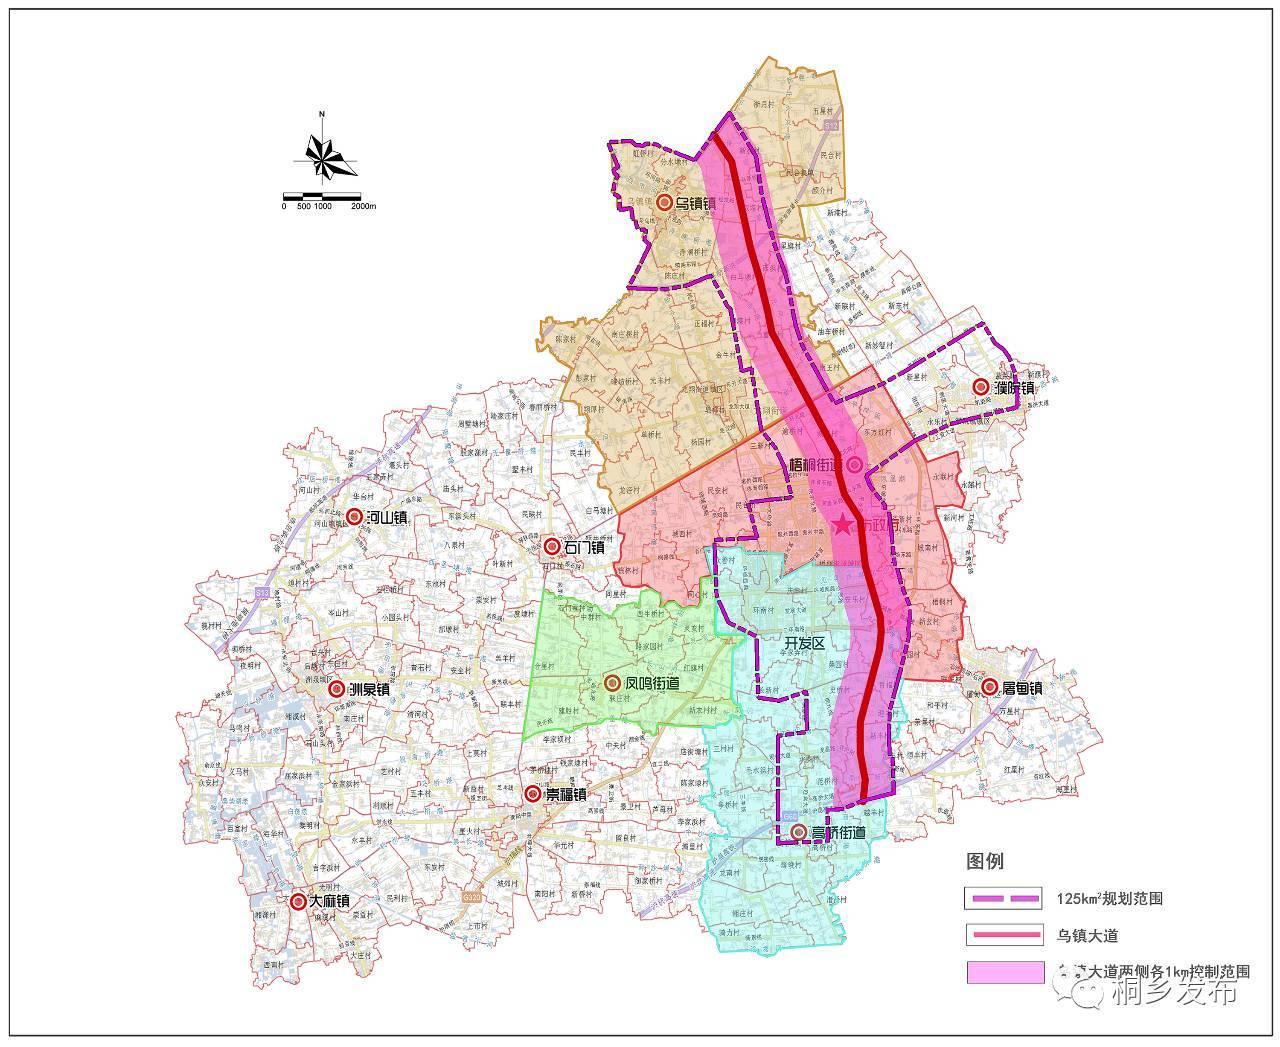 正文  这是就乌镇大道承担的使命,也是乌镇大道科创集聚区规划设计的图片